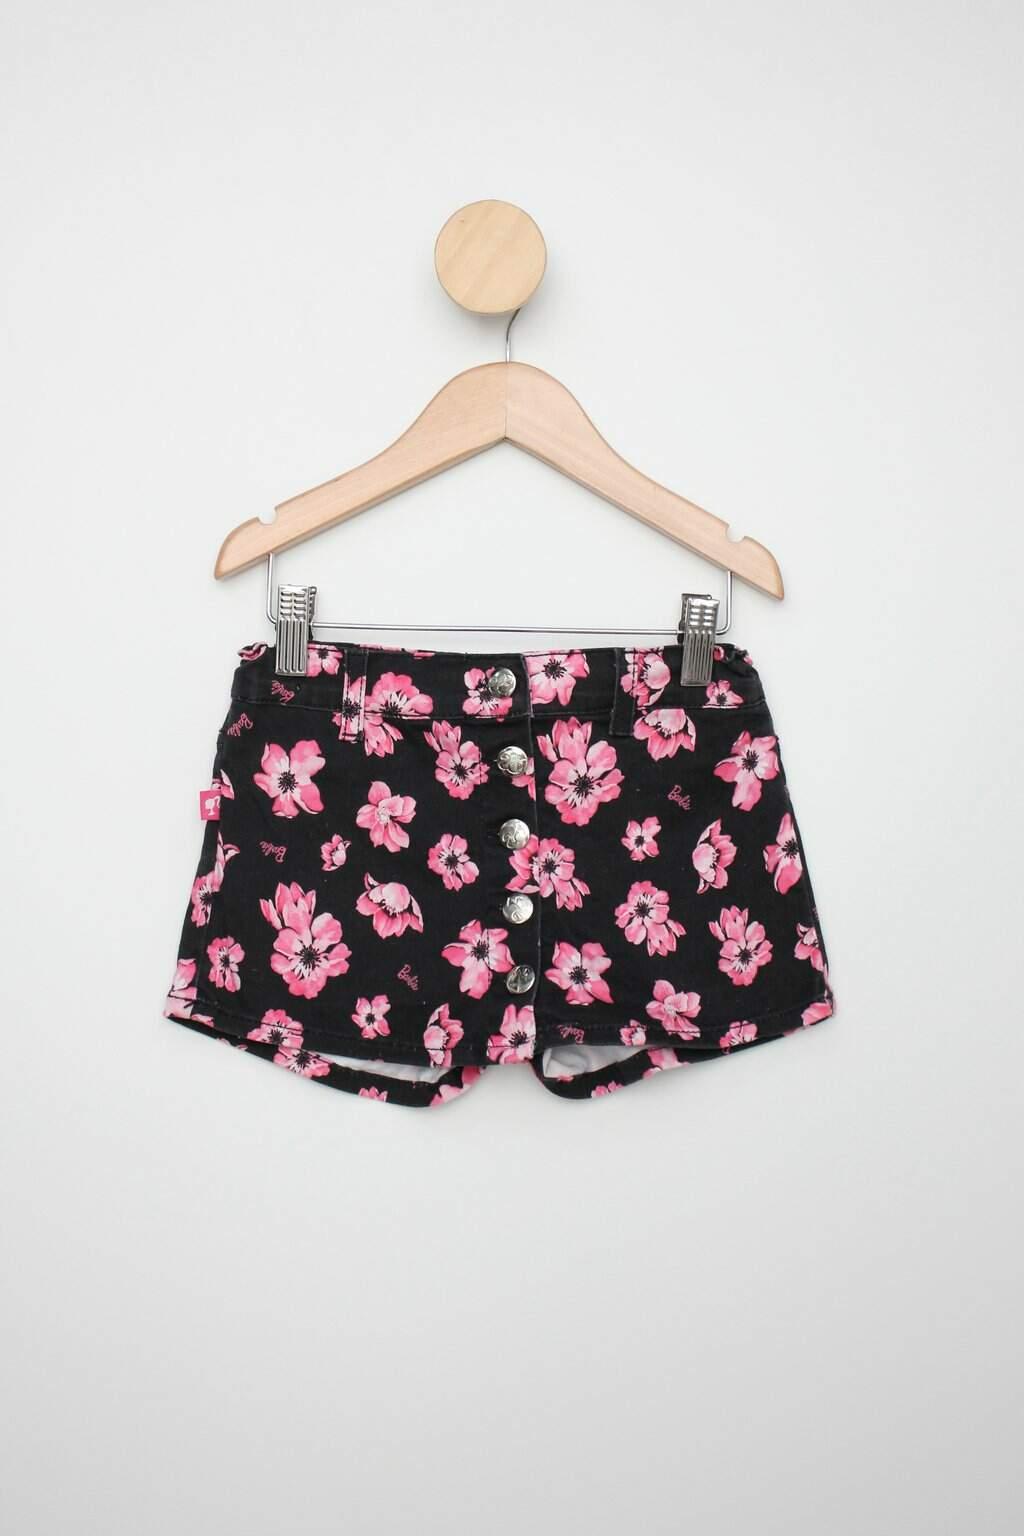 Shorts-saia De Sarja Infantil Riachuelo Preto Floral Da Barbie